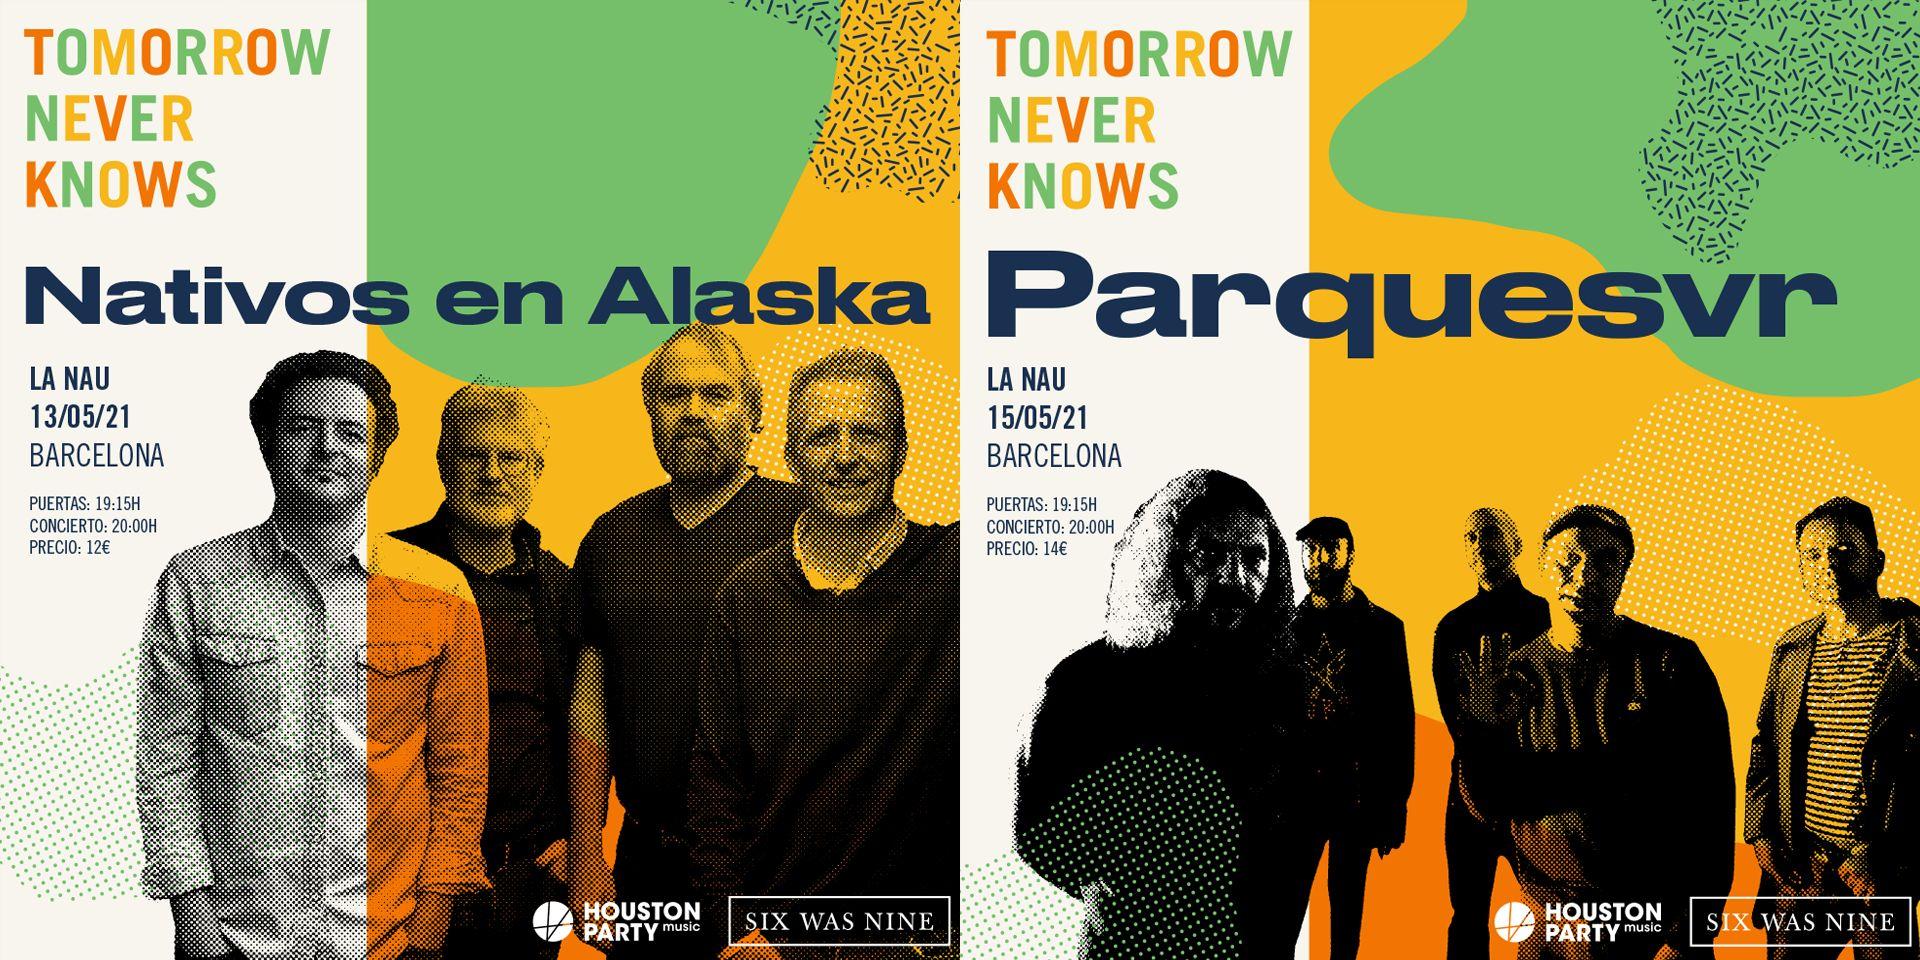 Nativos en Alaska y Parquesvr, próximas citas del ciclo Tomorrow Never Knows